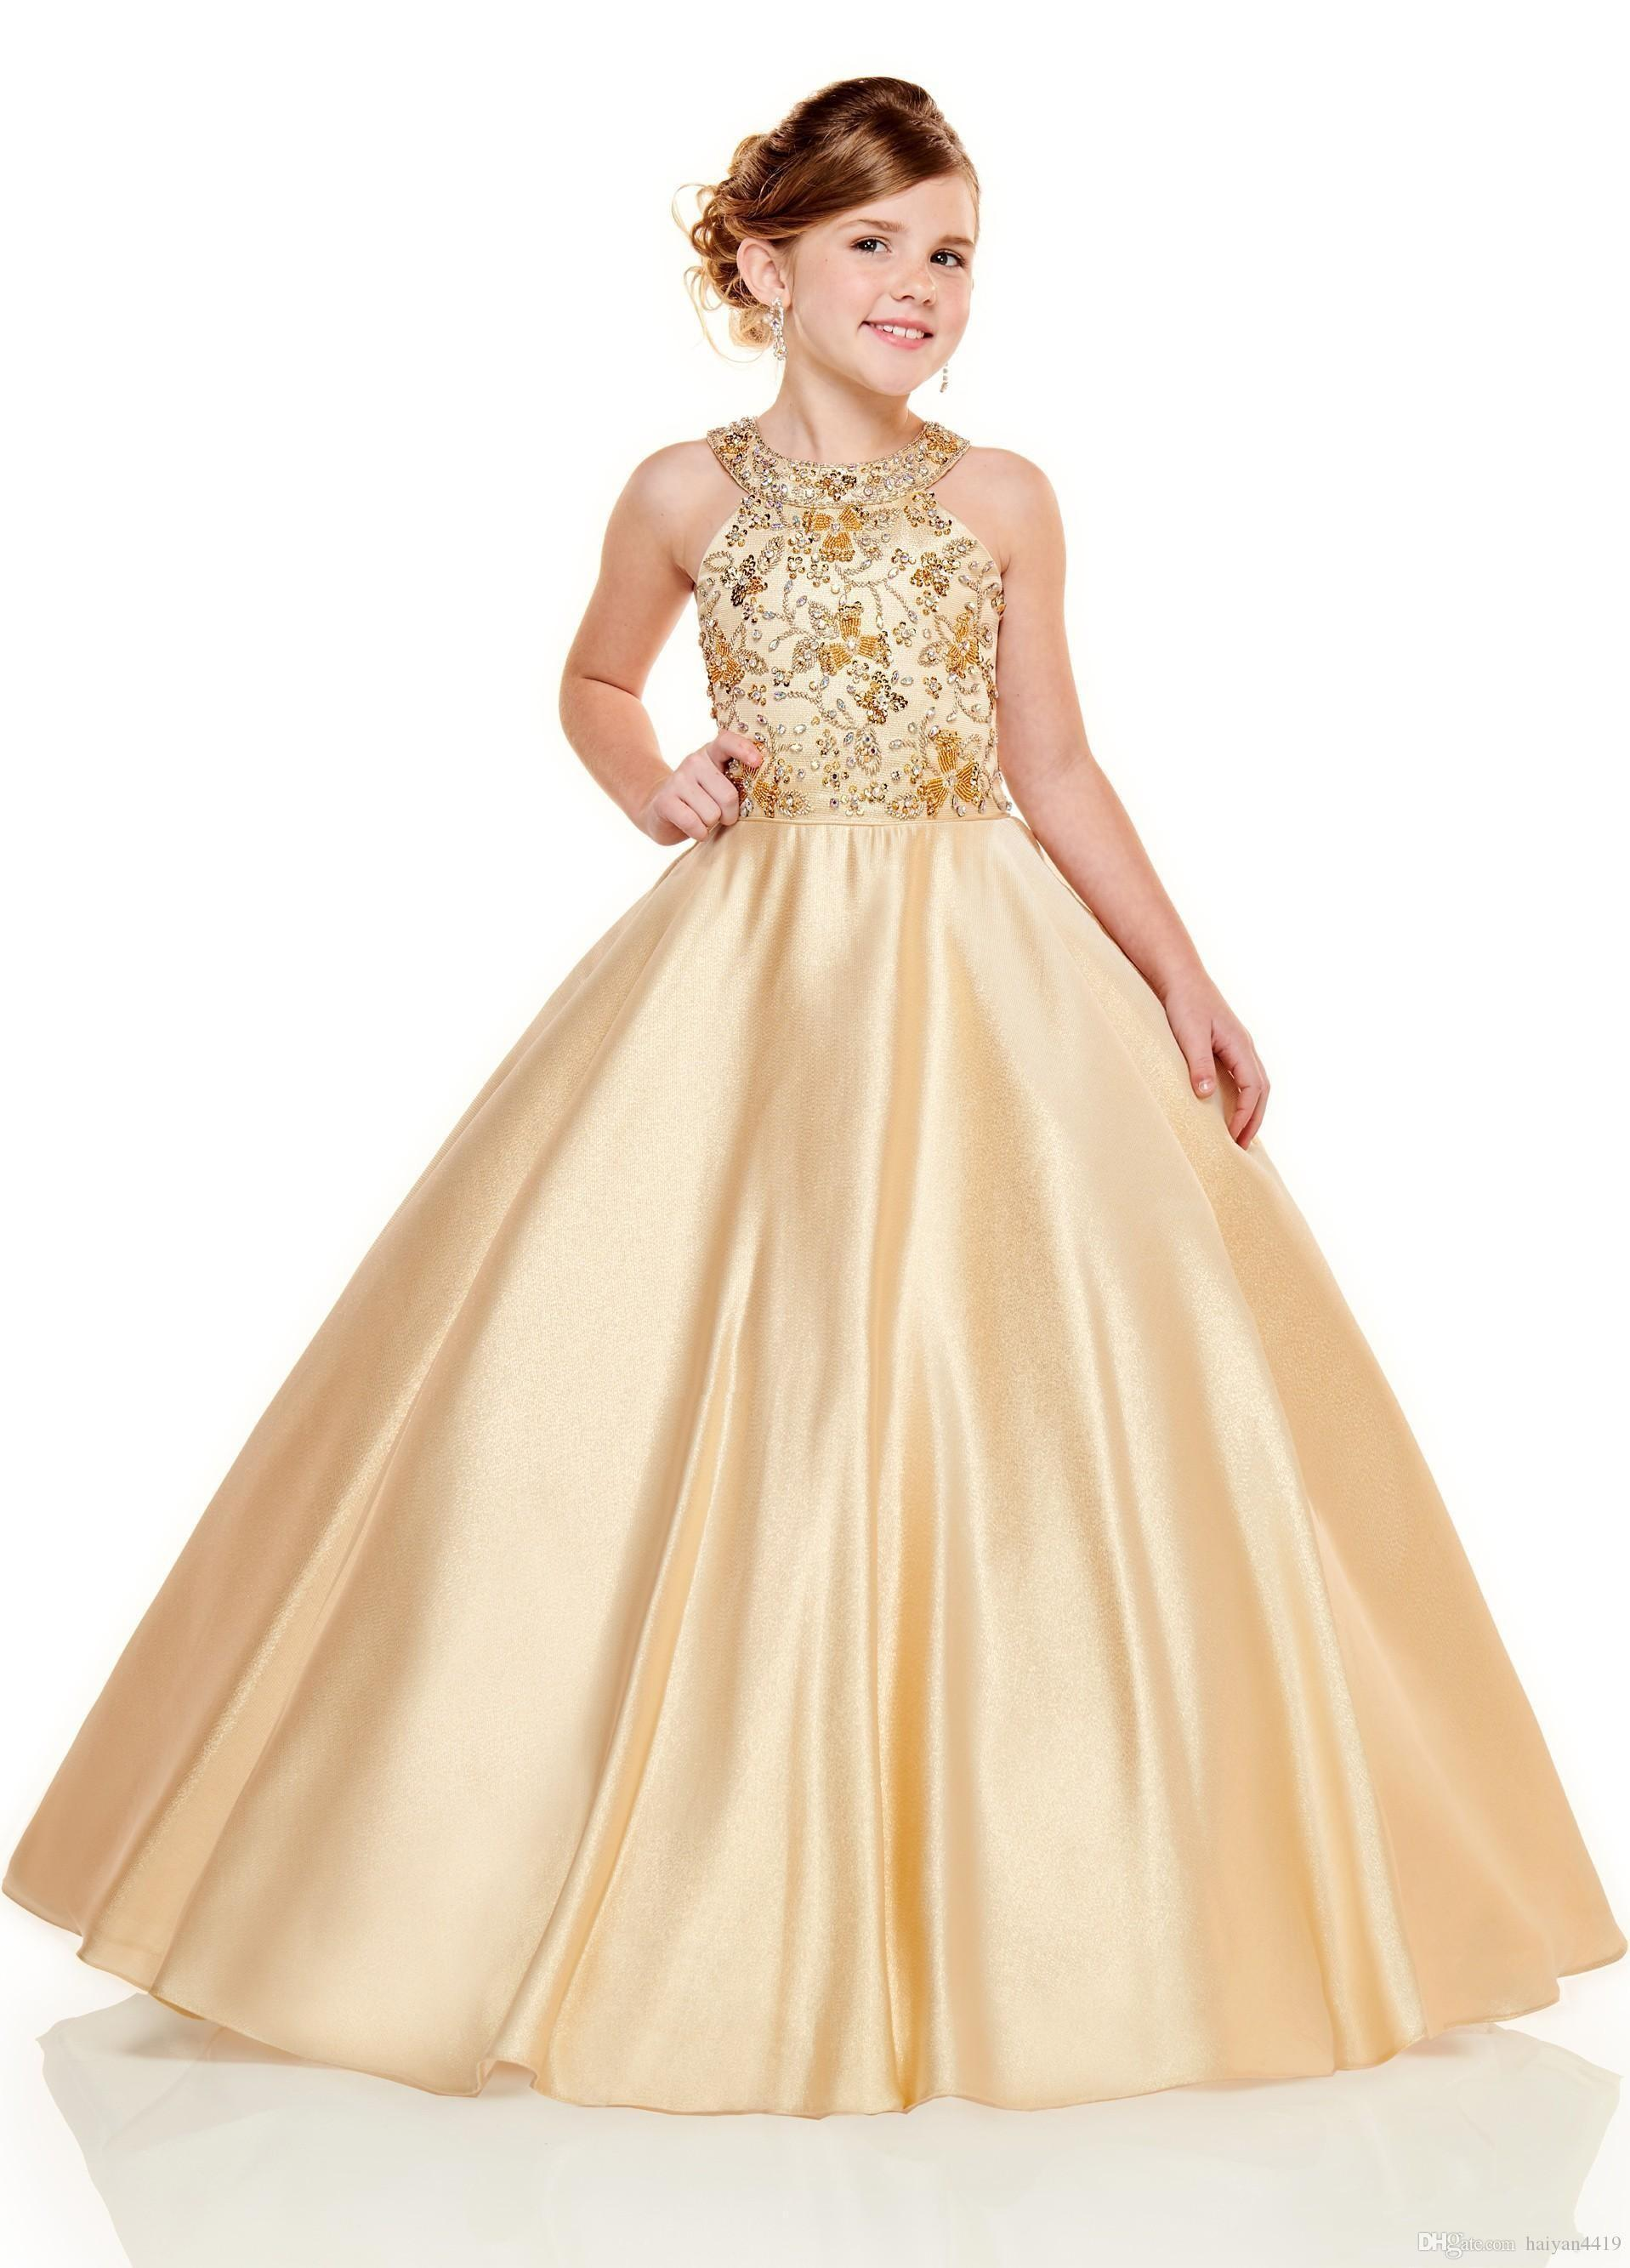 결혼식 새틴 레이스 아플리케 구슬 민소매 여자 선발 대회 드레스 댄스 파티 어린이 성찬식 드레스를위한 새로운 사랑스러운 골드 라일락 꽃의 소녀 드레스